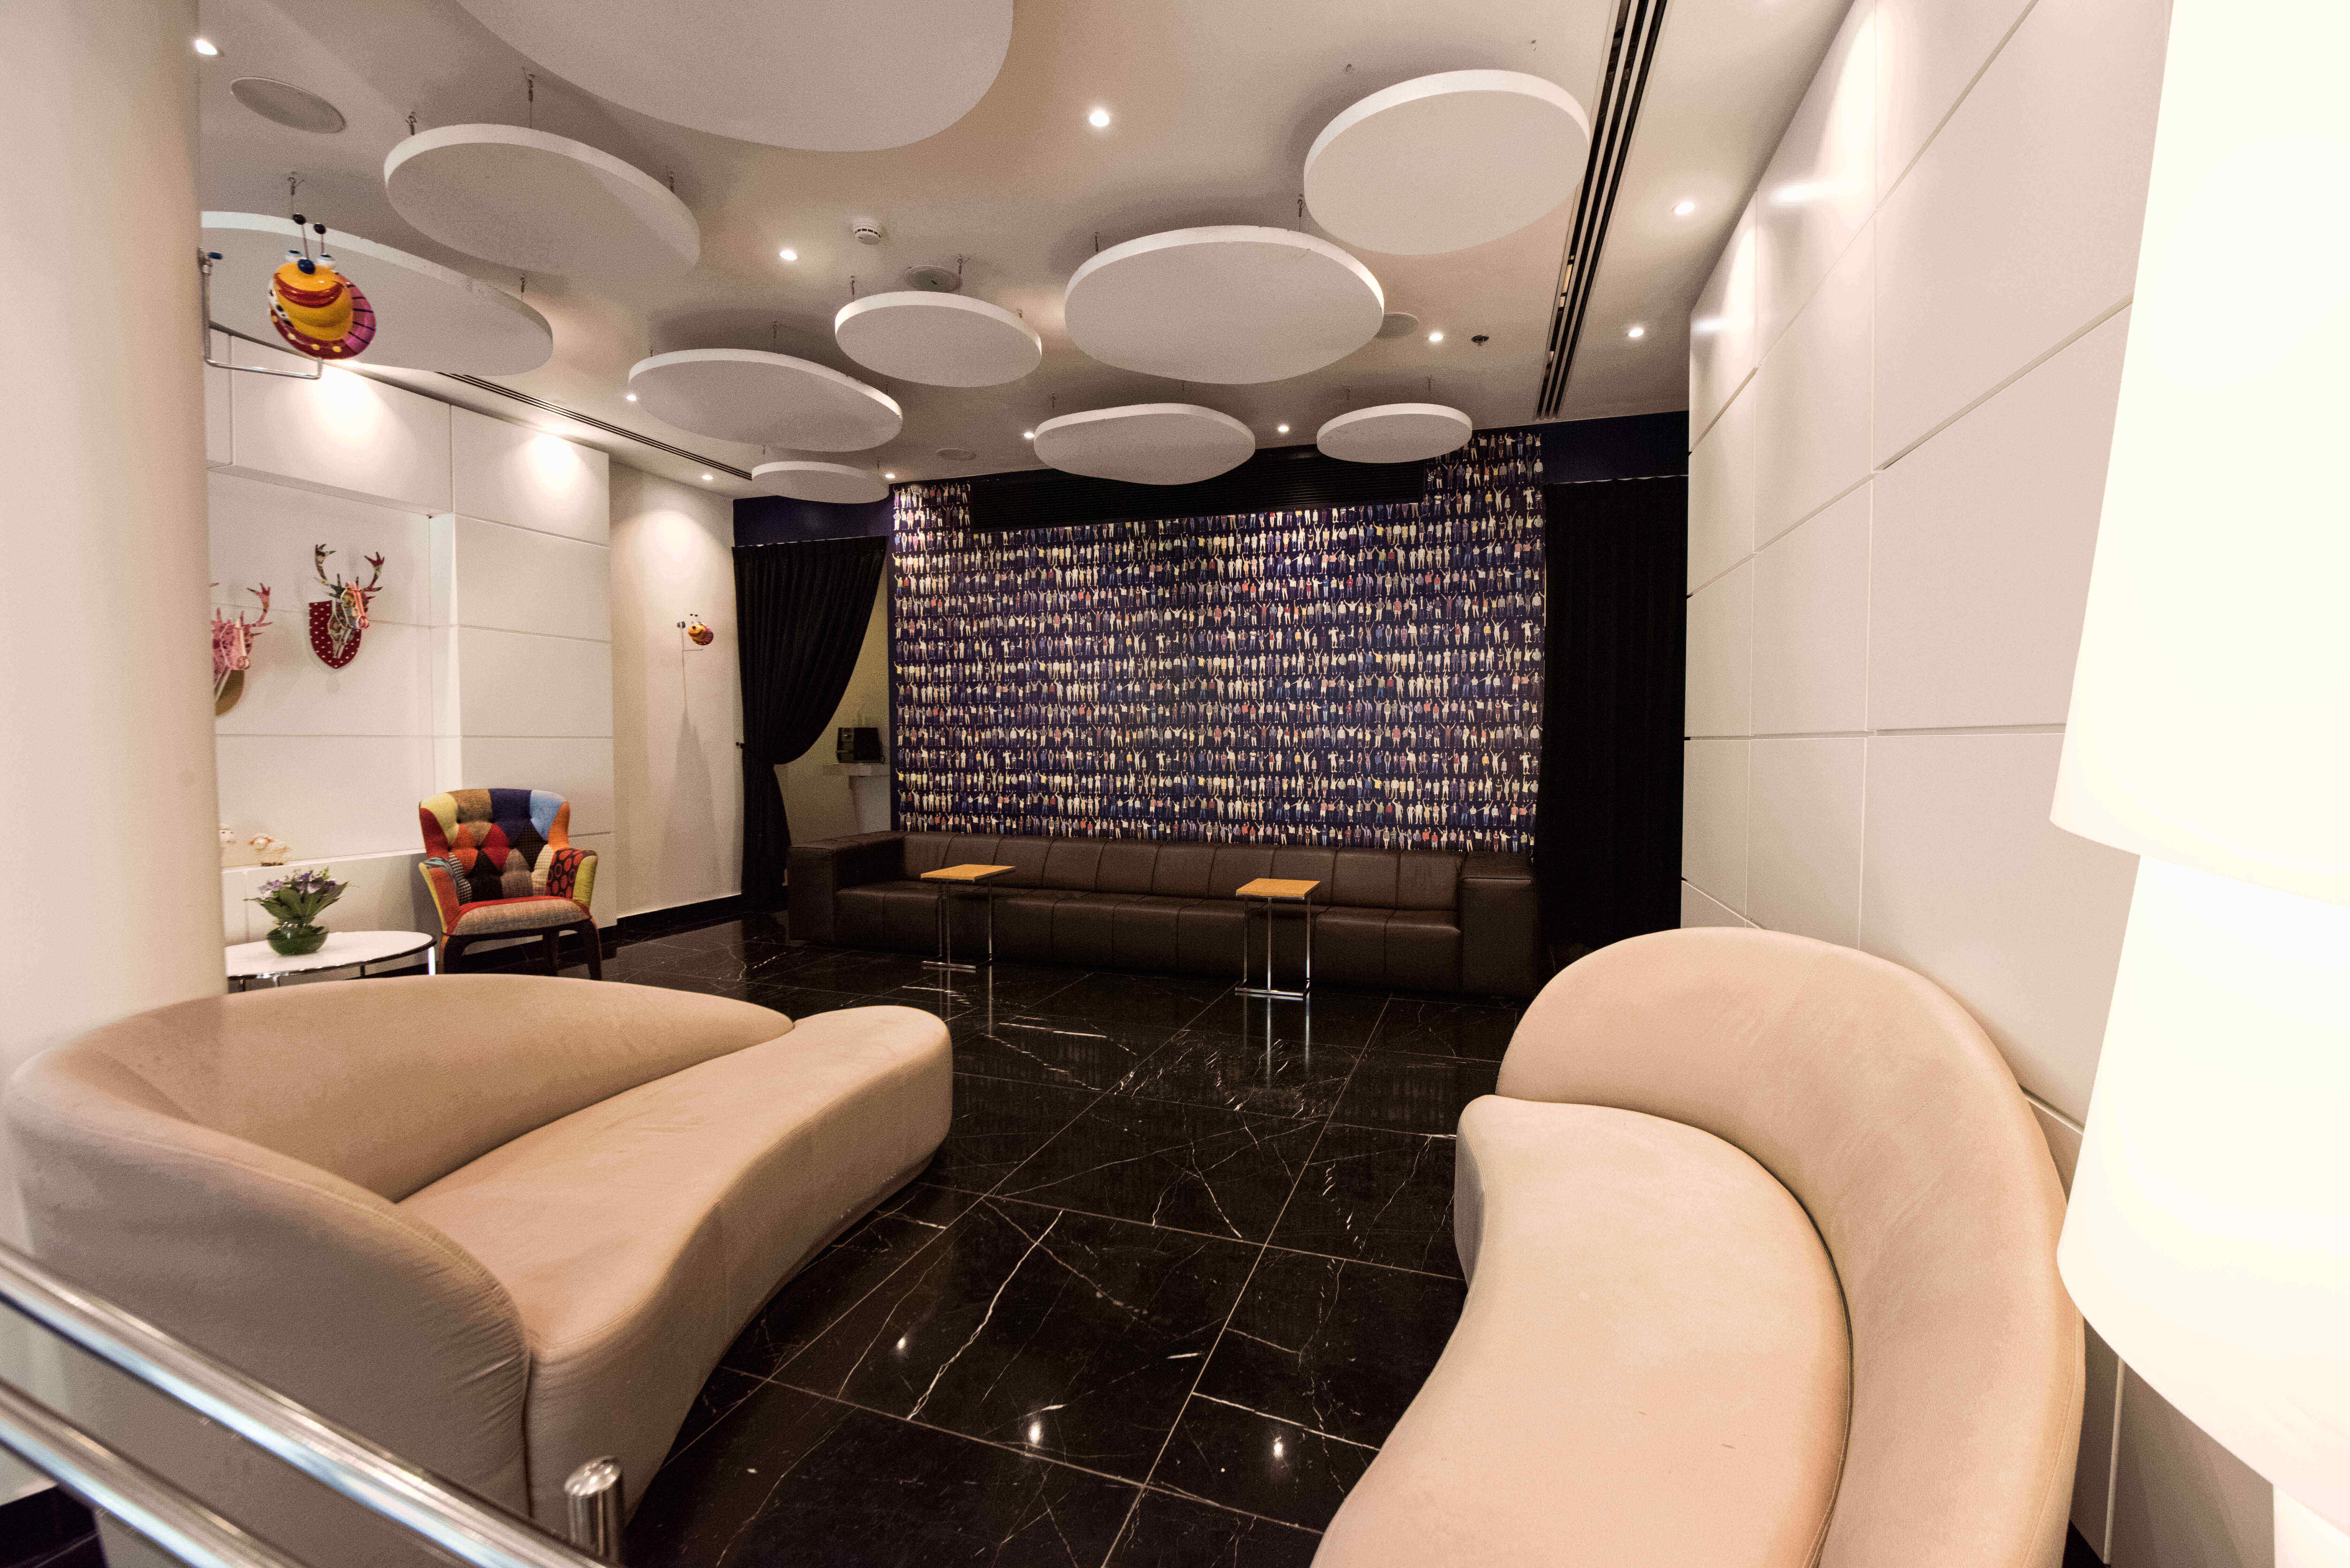 3 מלון אייל ירושלים - לילה זוגי במלון בוטיק